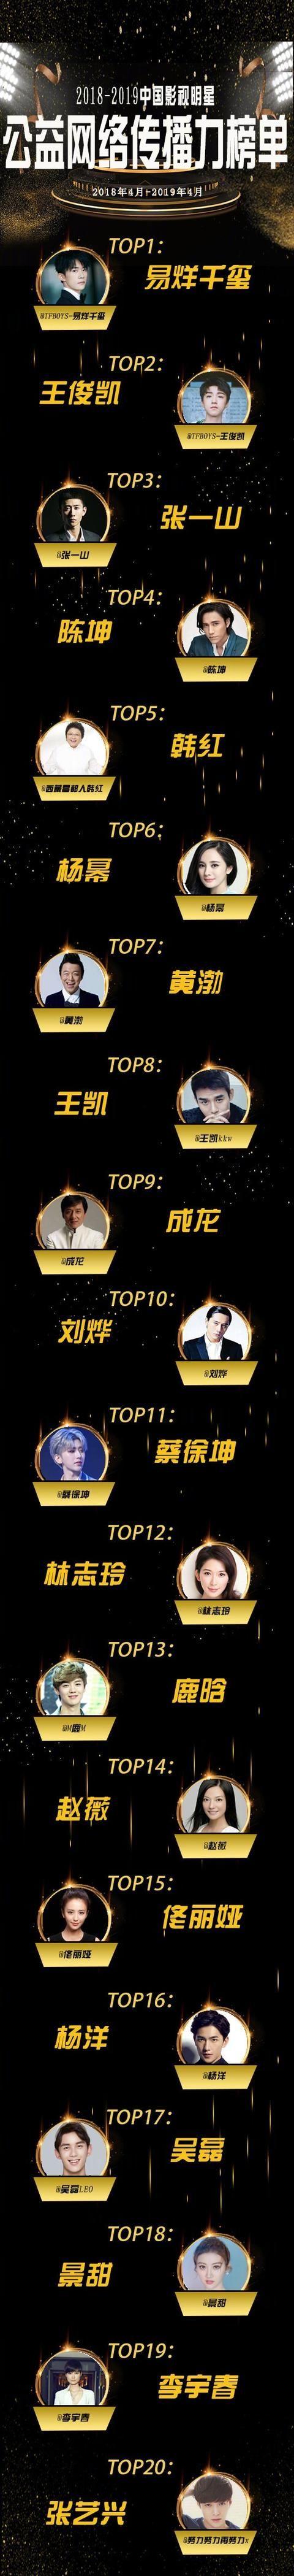 明星公益榜单:杨幂第六,成龙第九,王源和范冰冰因为丑闻落榜